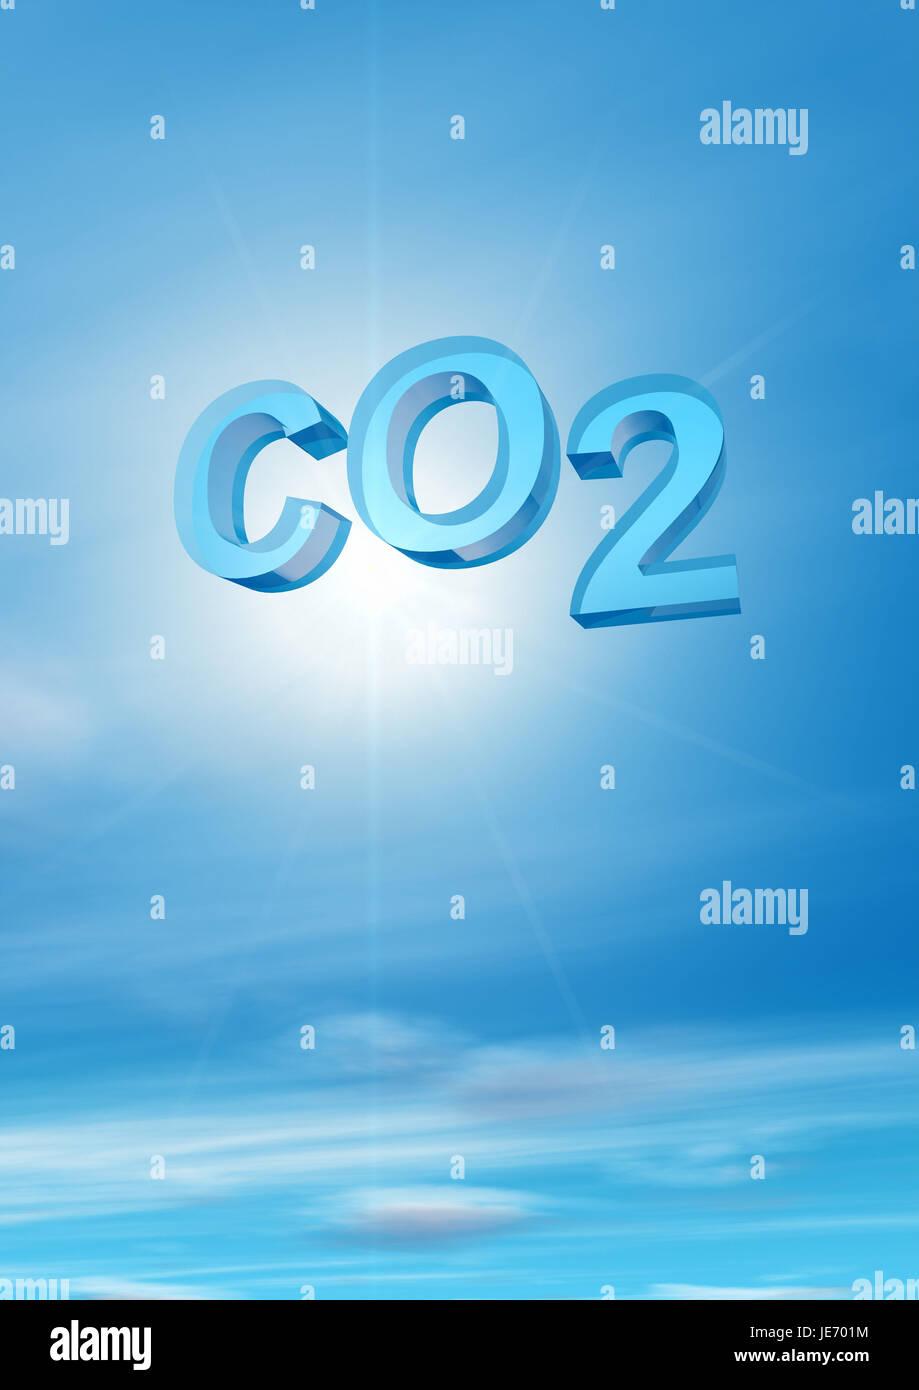 CO2: el dióxido de carbono, Imagen De Stock